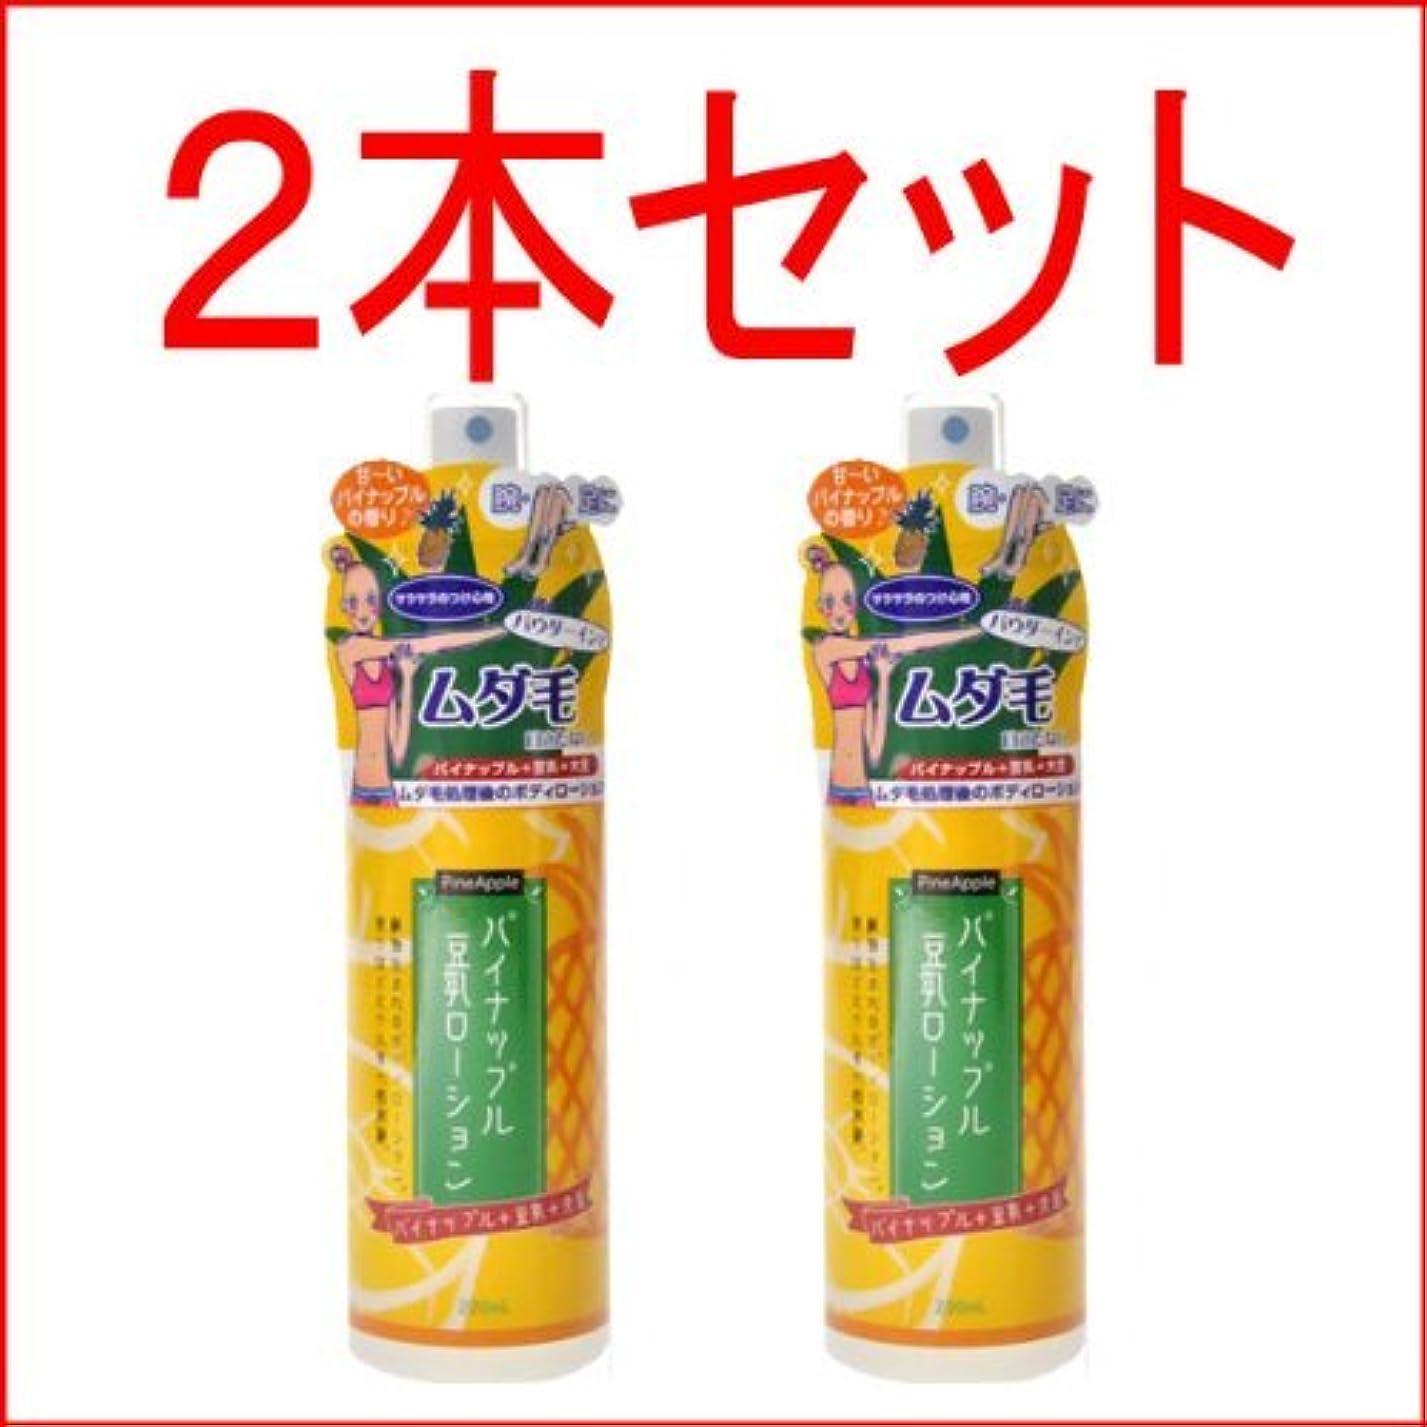 パイナップル豆乳ローション2本セット【ムダ毛処理後専用ボディーローション】